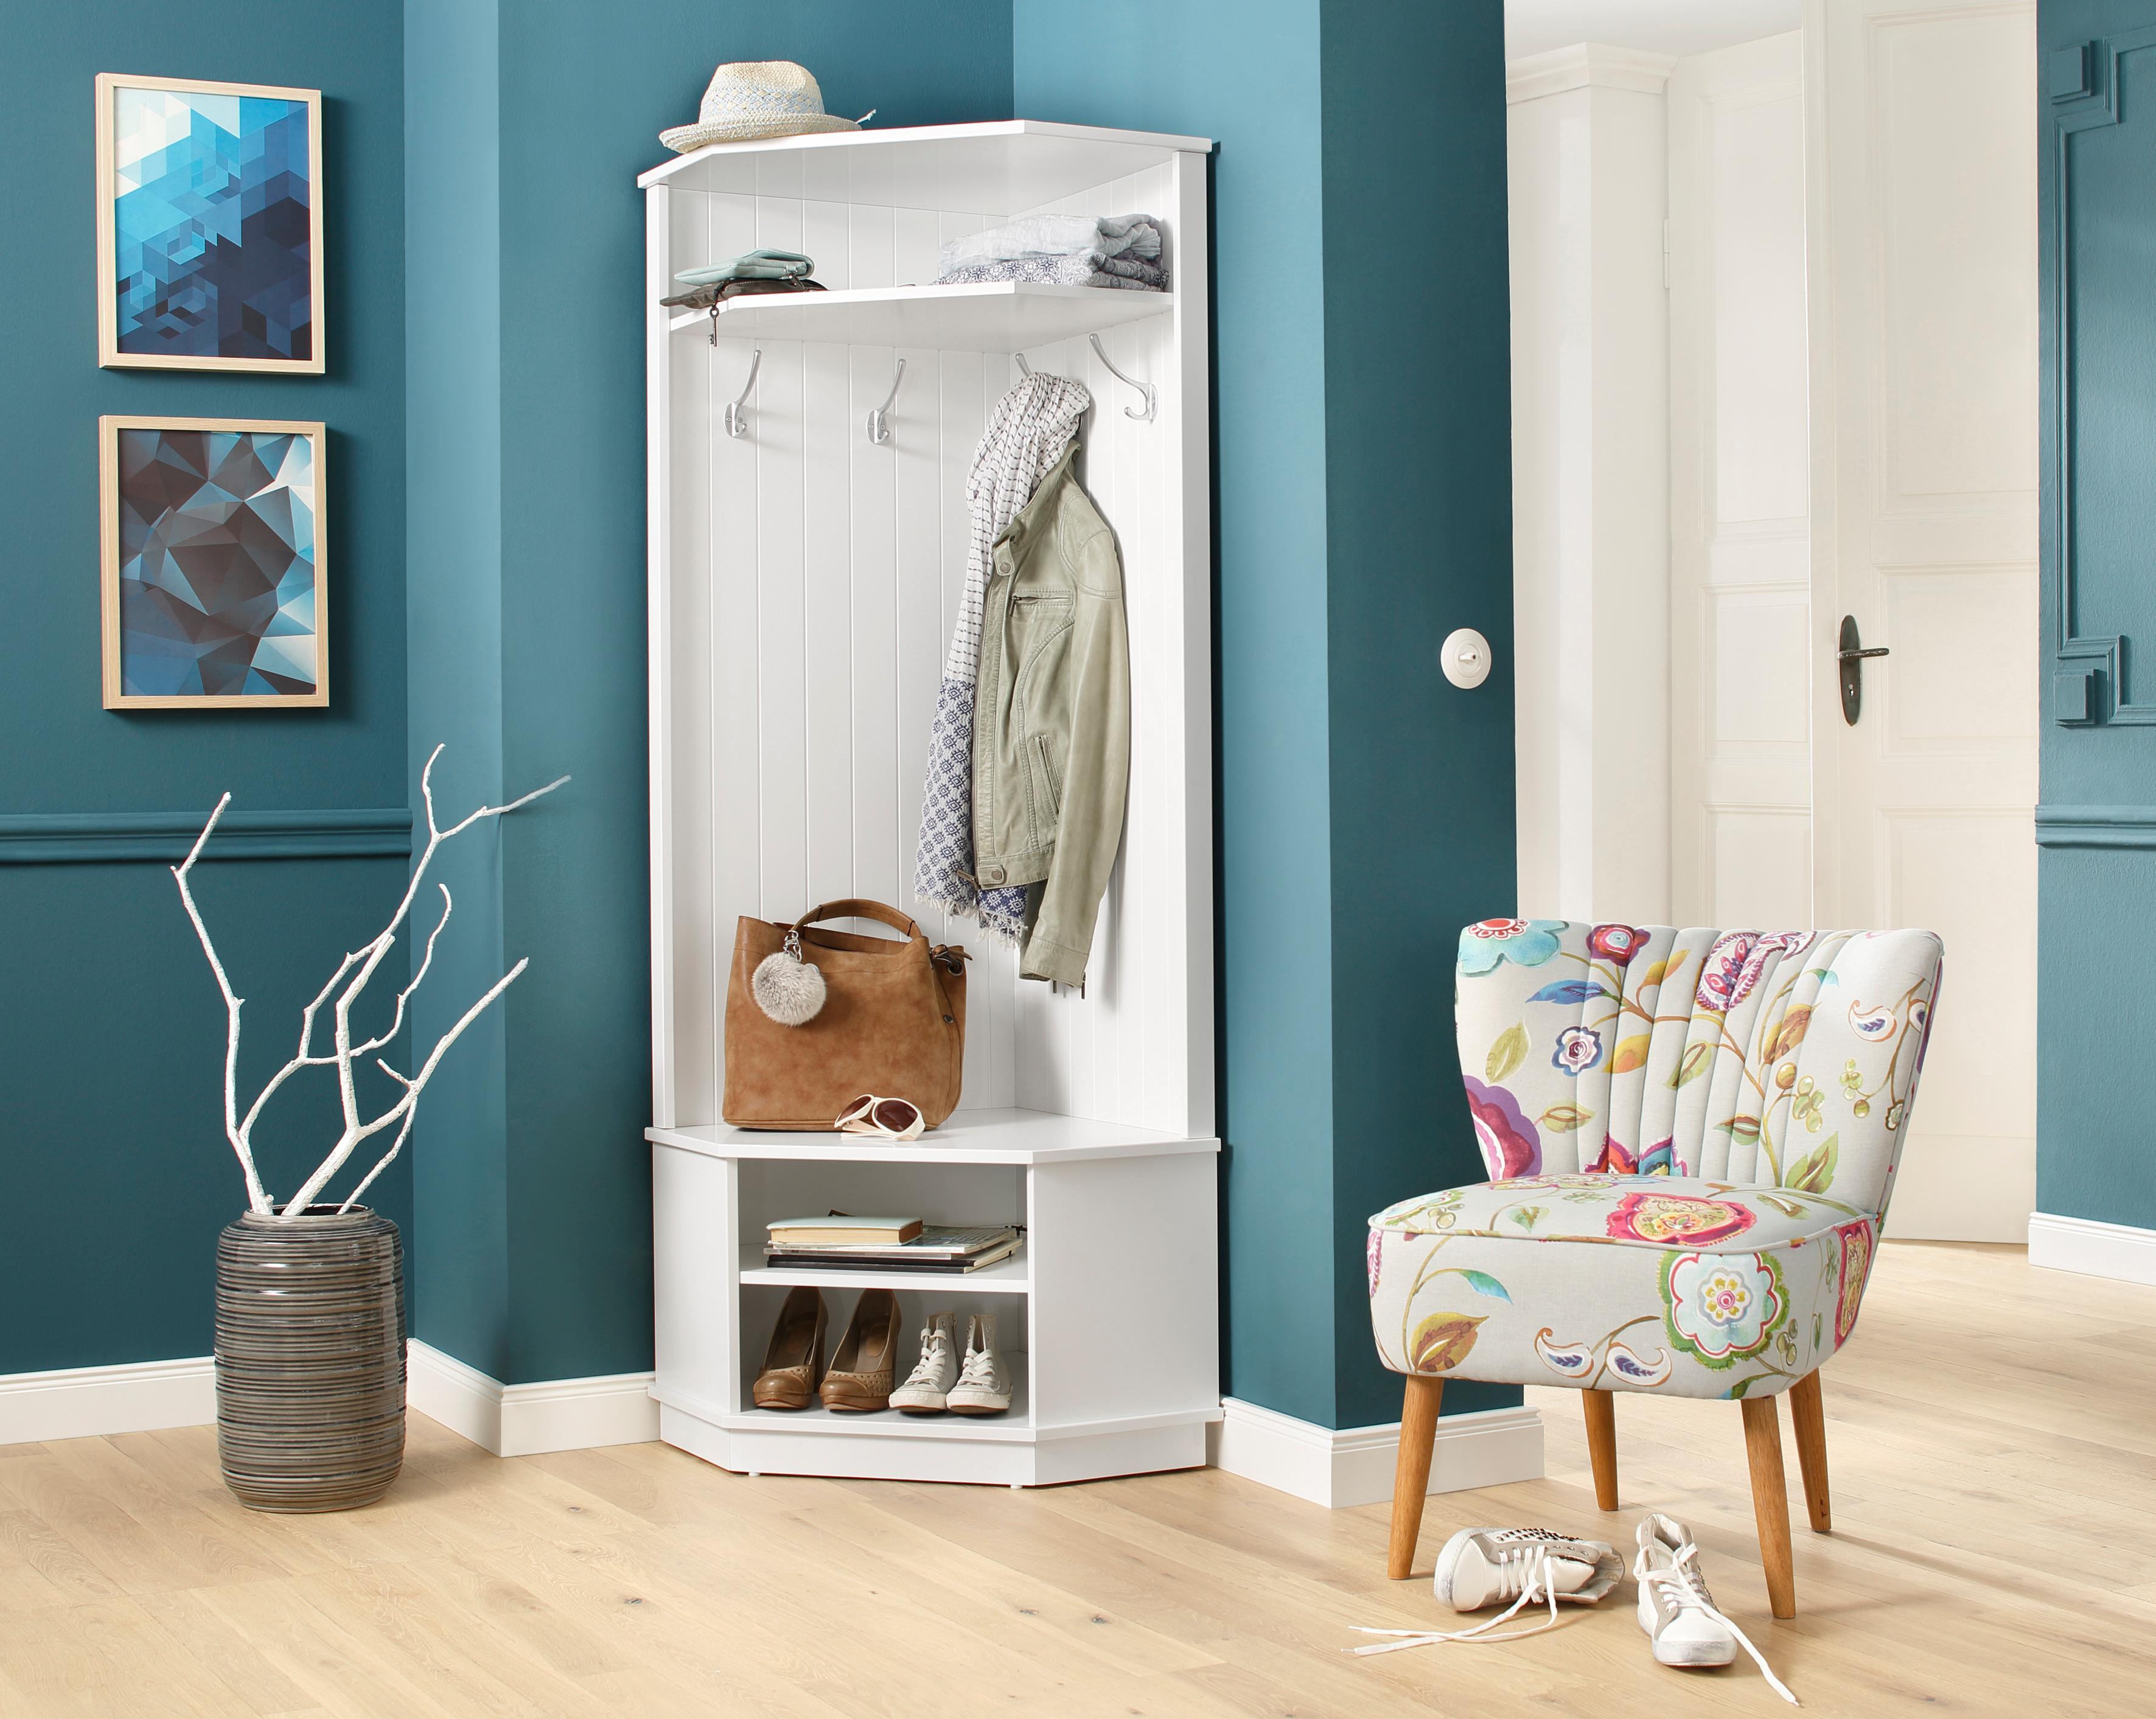 Home Affaire Eckgarderobe Nekso In 2 Verschiedenen Farben